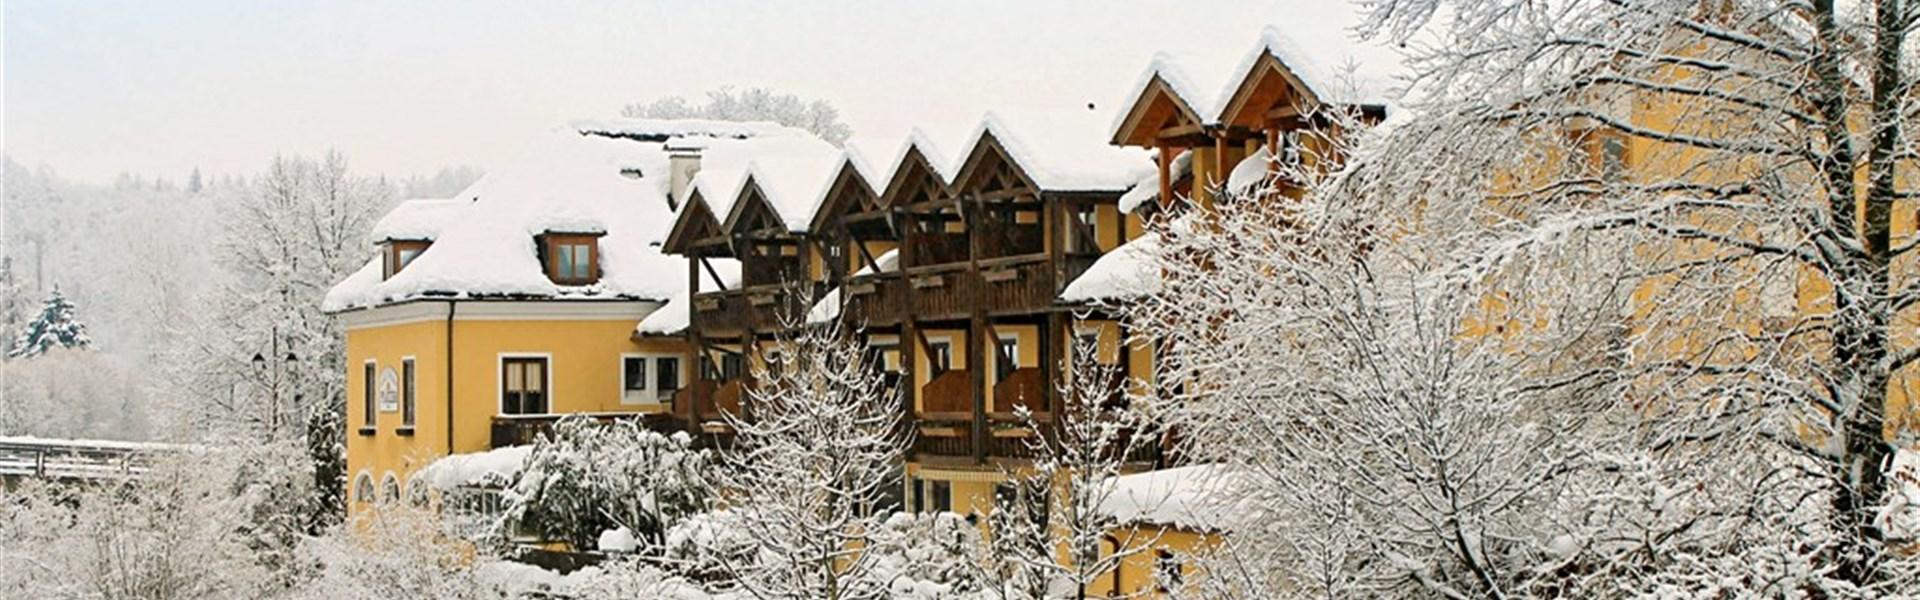 Marco Polo - Hotel Platzer W22 -